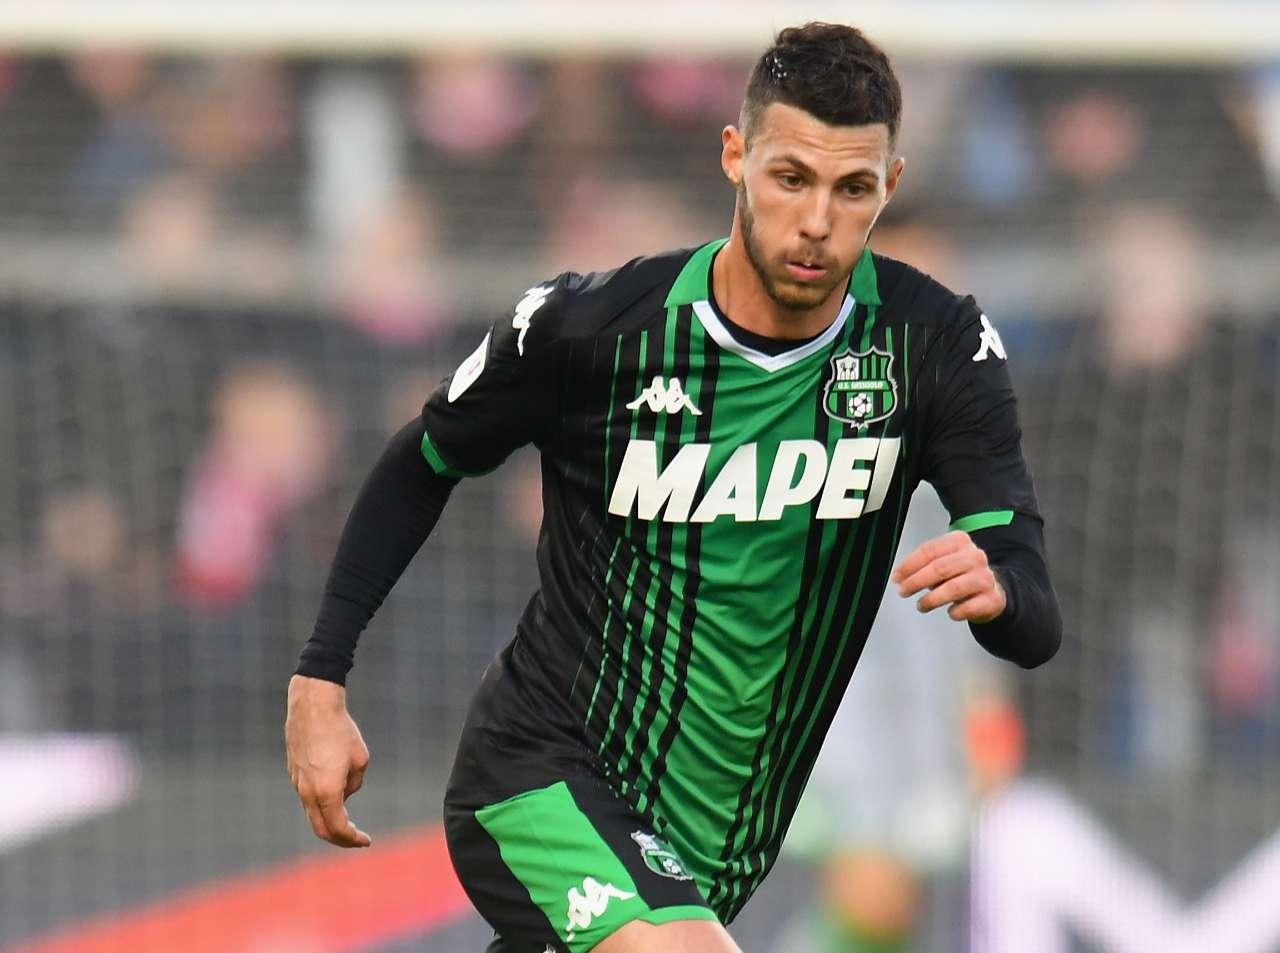 Calciomercato Entella Mazzitelli ufficiale Sassuolo Serie B